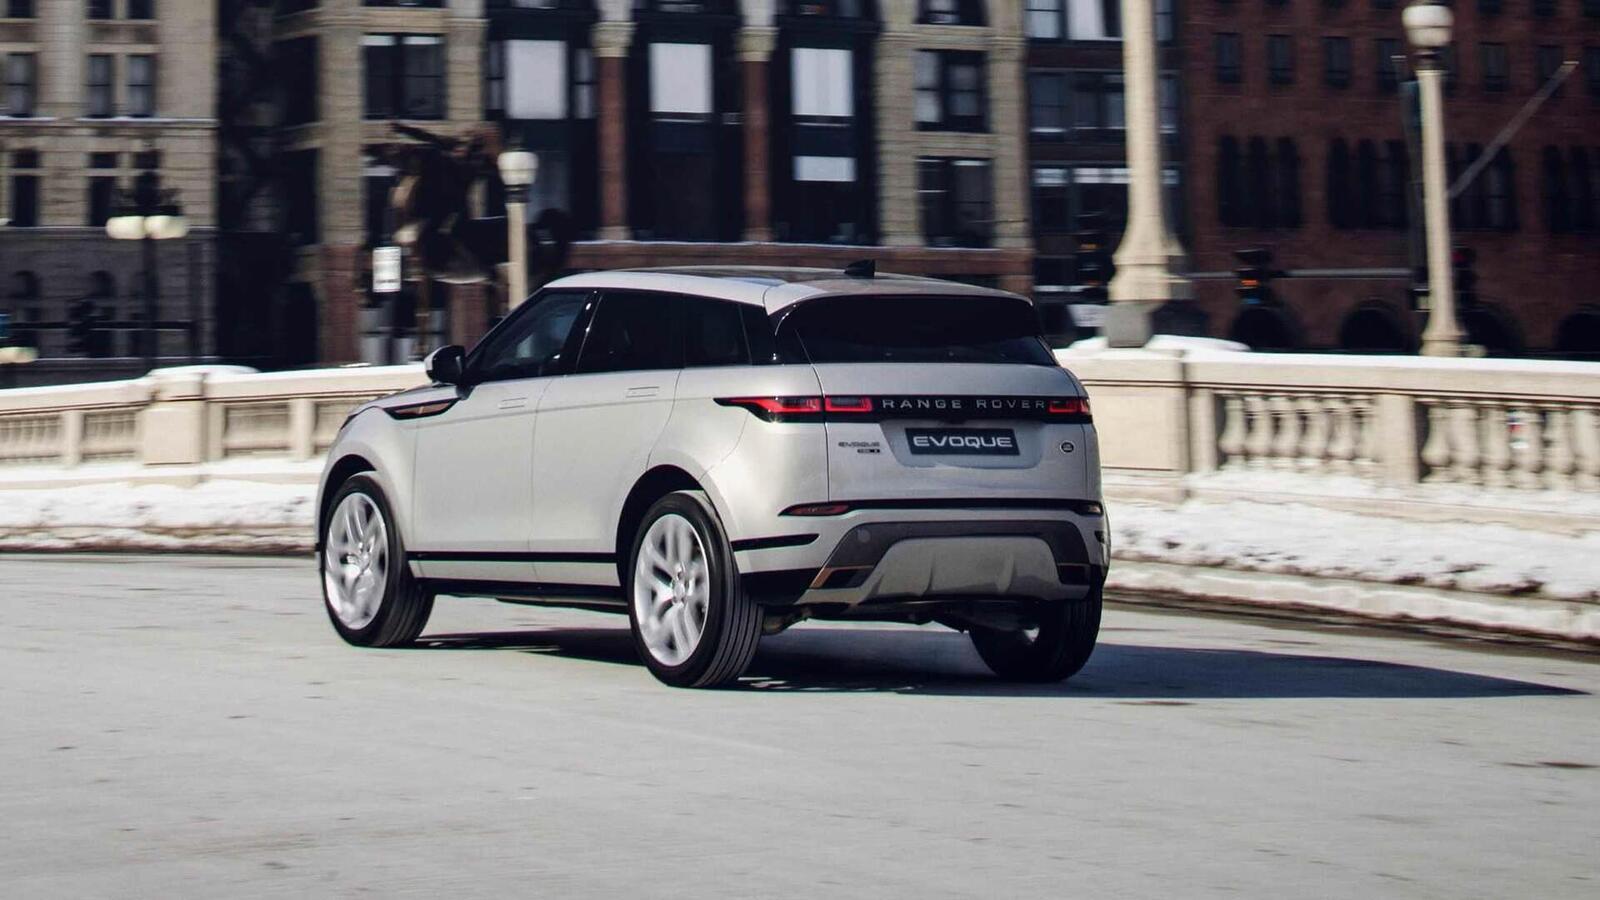 Range Rover Evoque mới tại Mỹ có giá từ 43.645 USD, đắt hơn Audi Q5 và Mercedes GLC - Hình 16